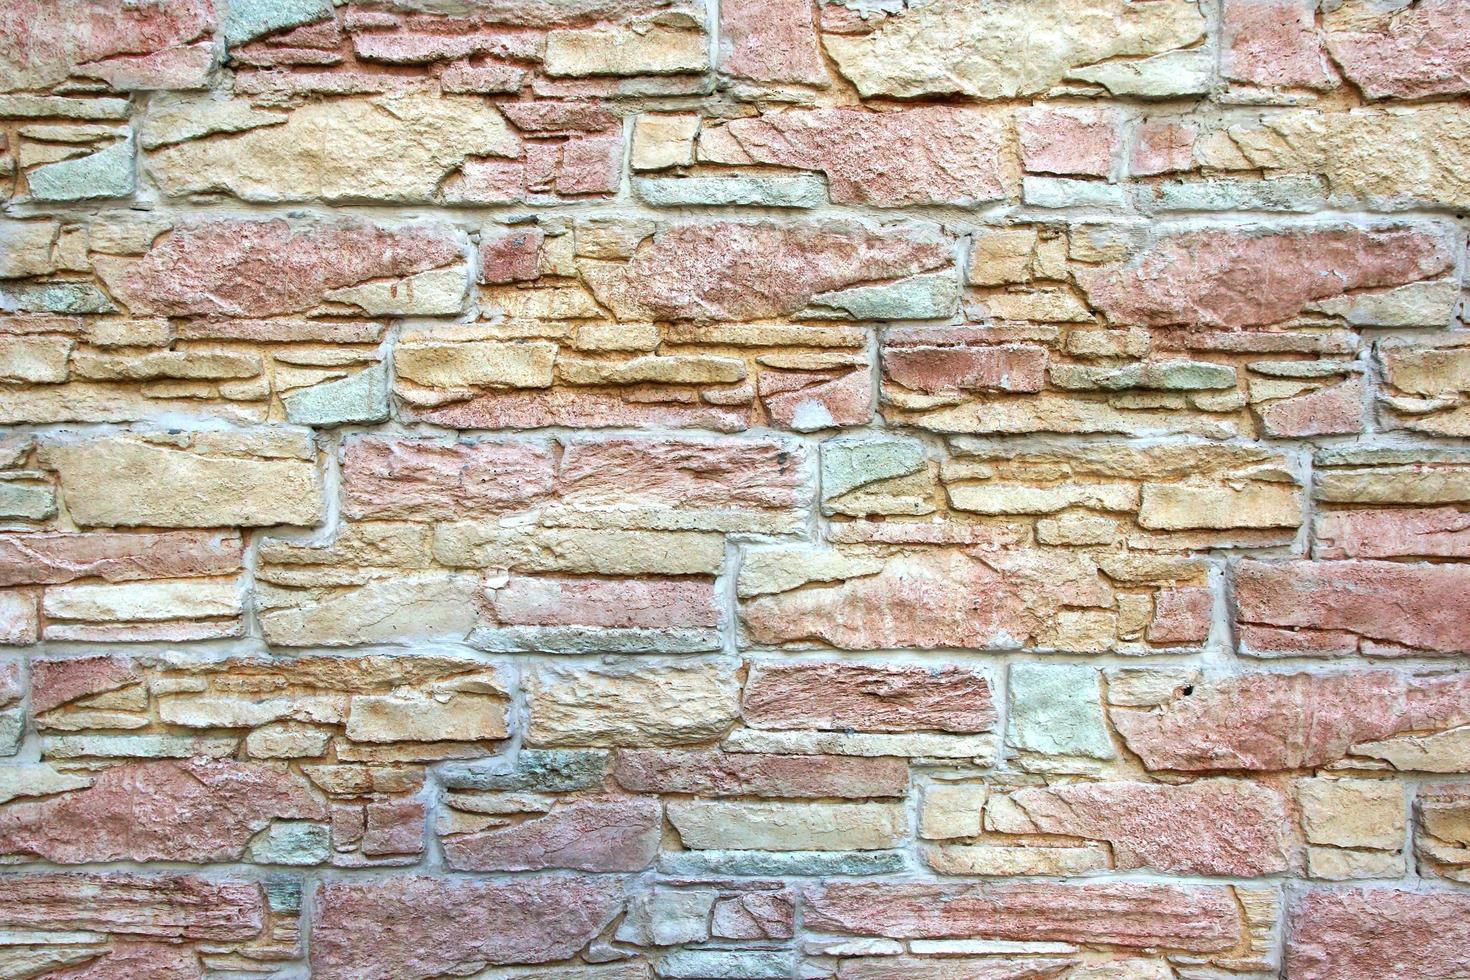 nuevo muro de piedra natural colorido decorativo foto